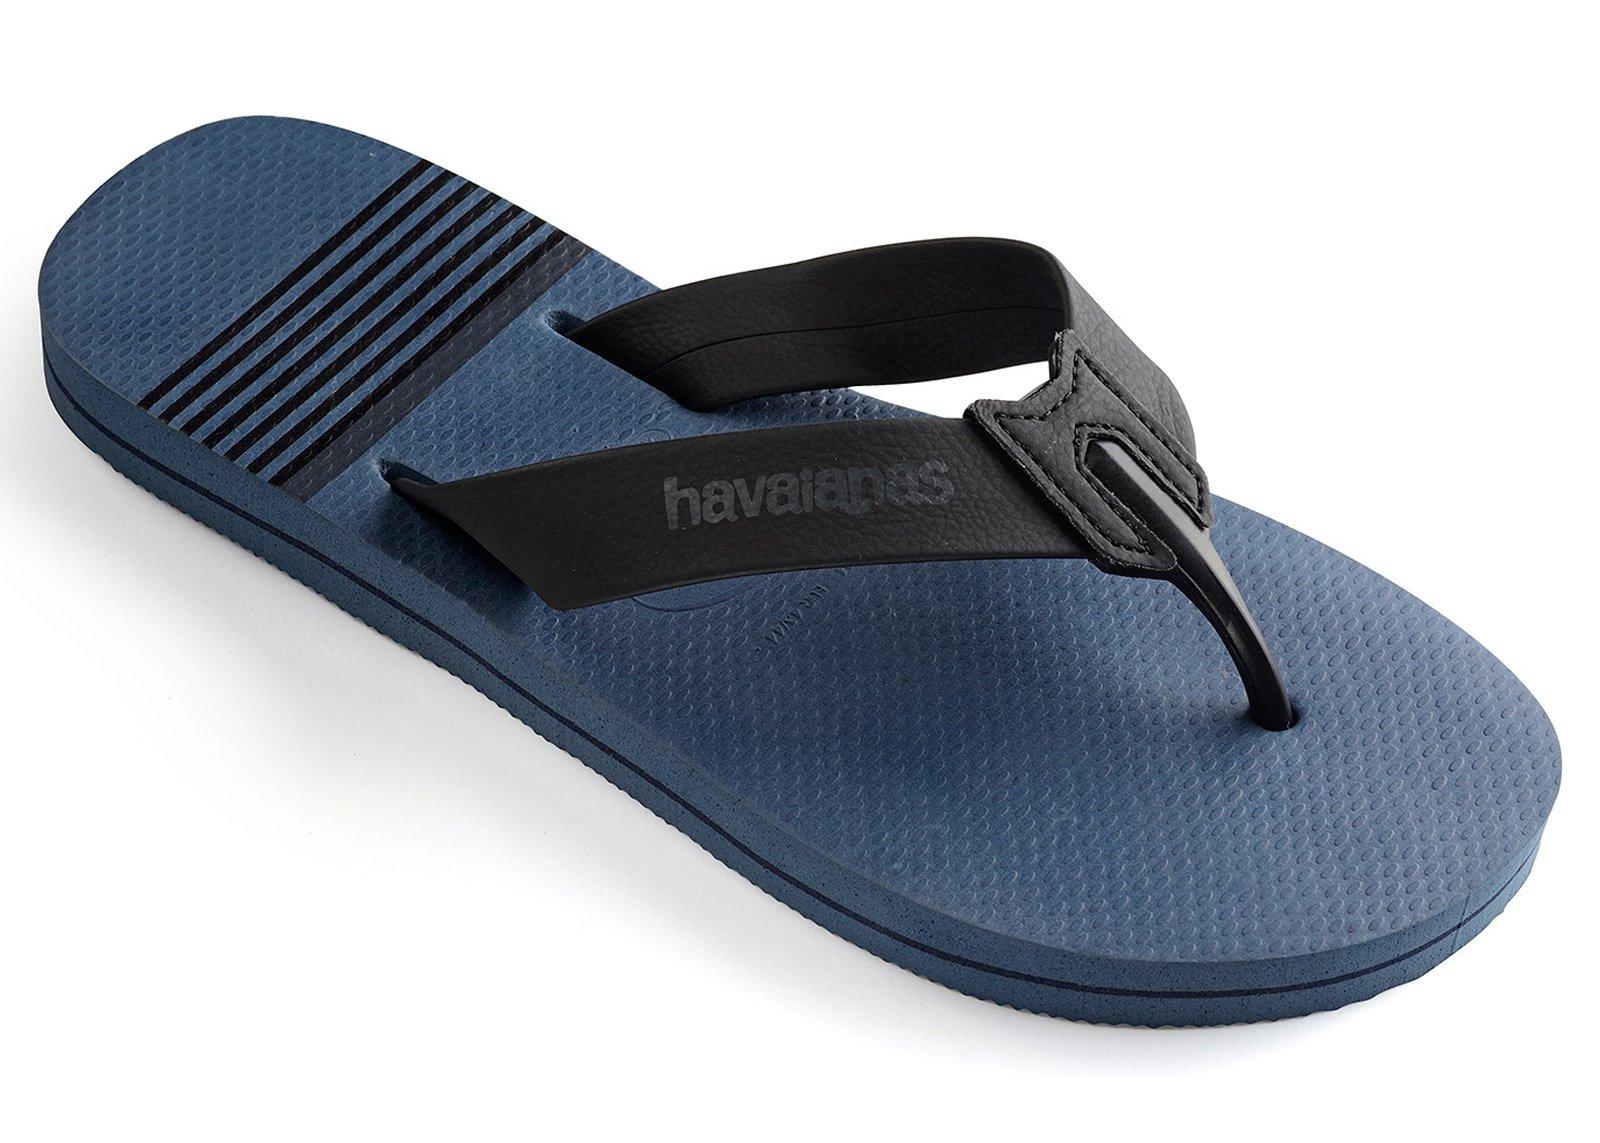 49e889c967a8f Flip-Flops Urban Craft Indigo Blue - Brand Havaianas